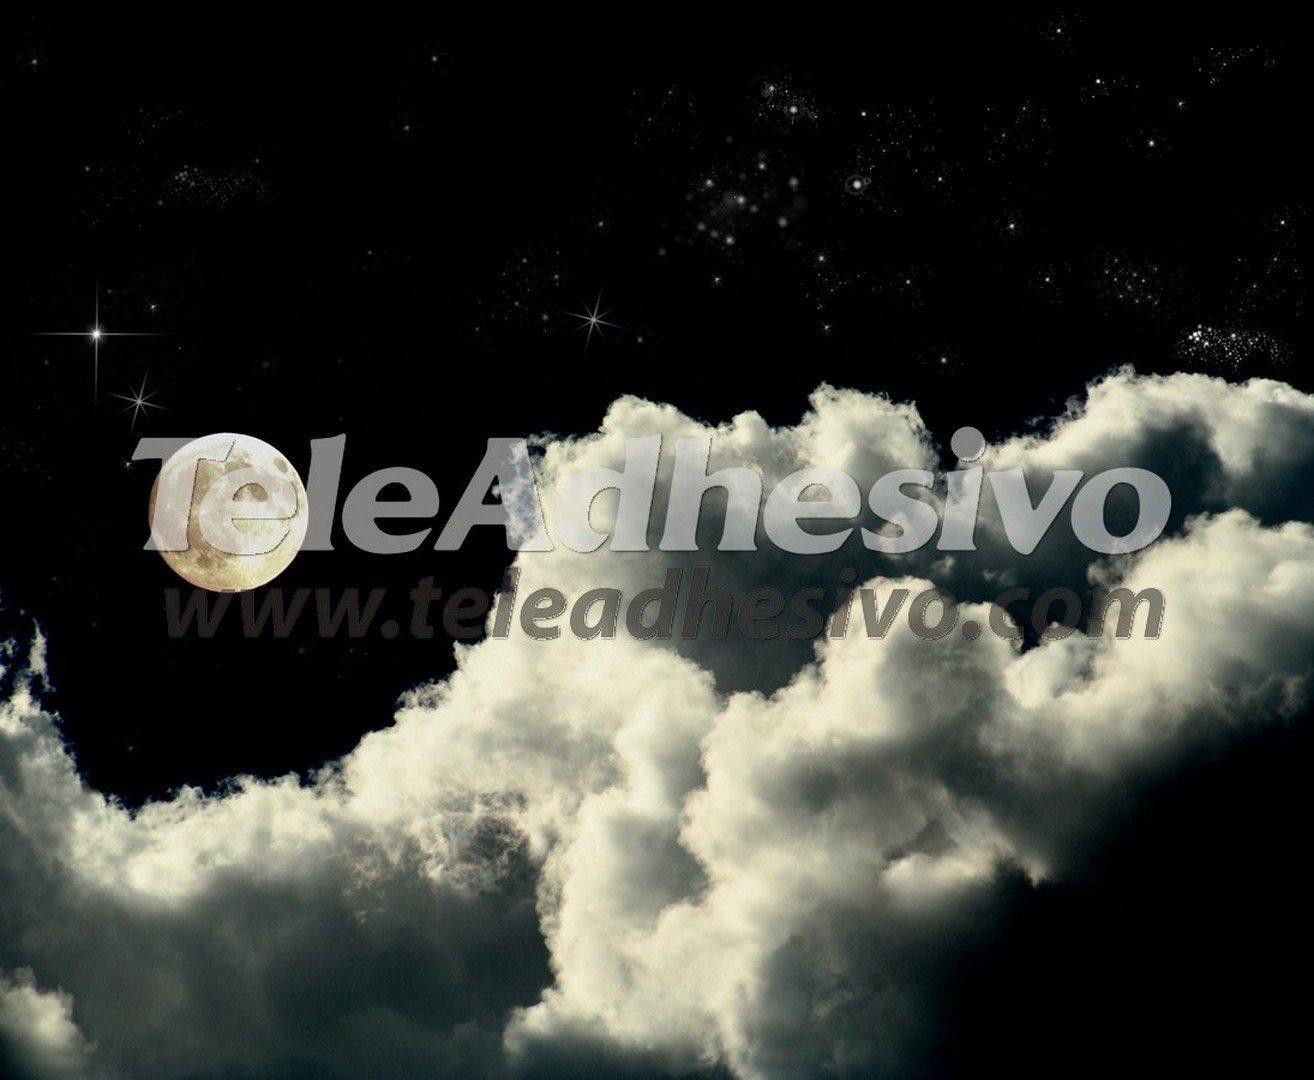 Fototapeten: Sternenhimmel